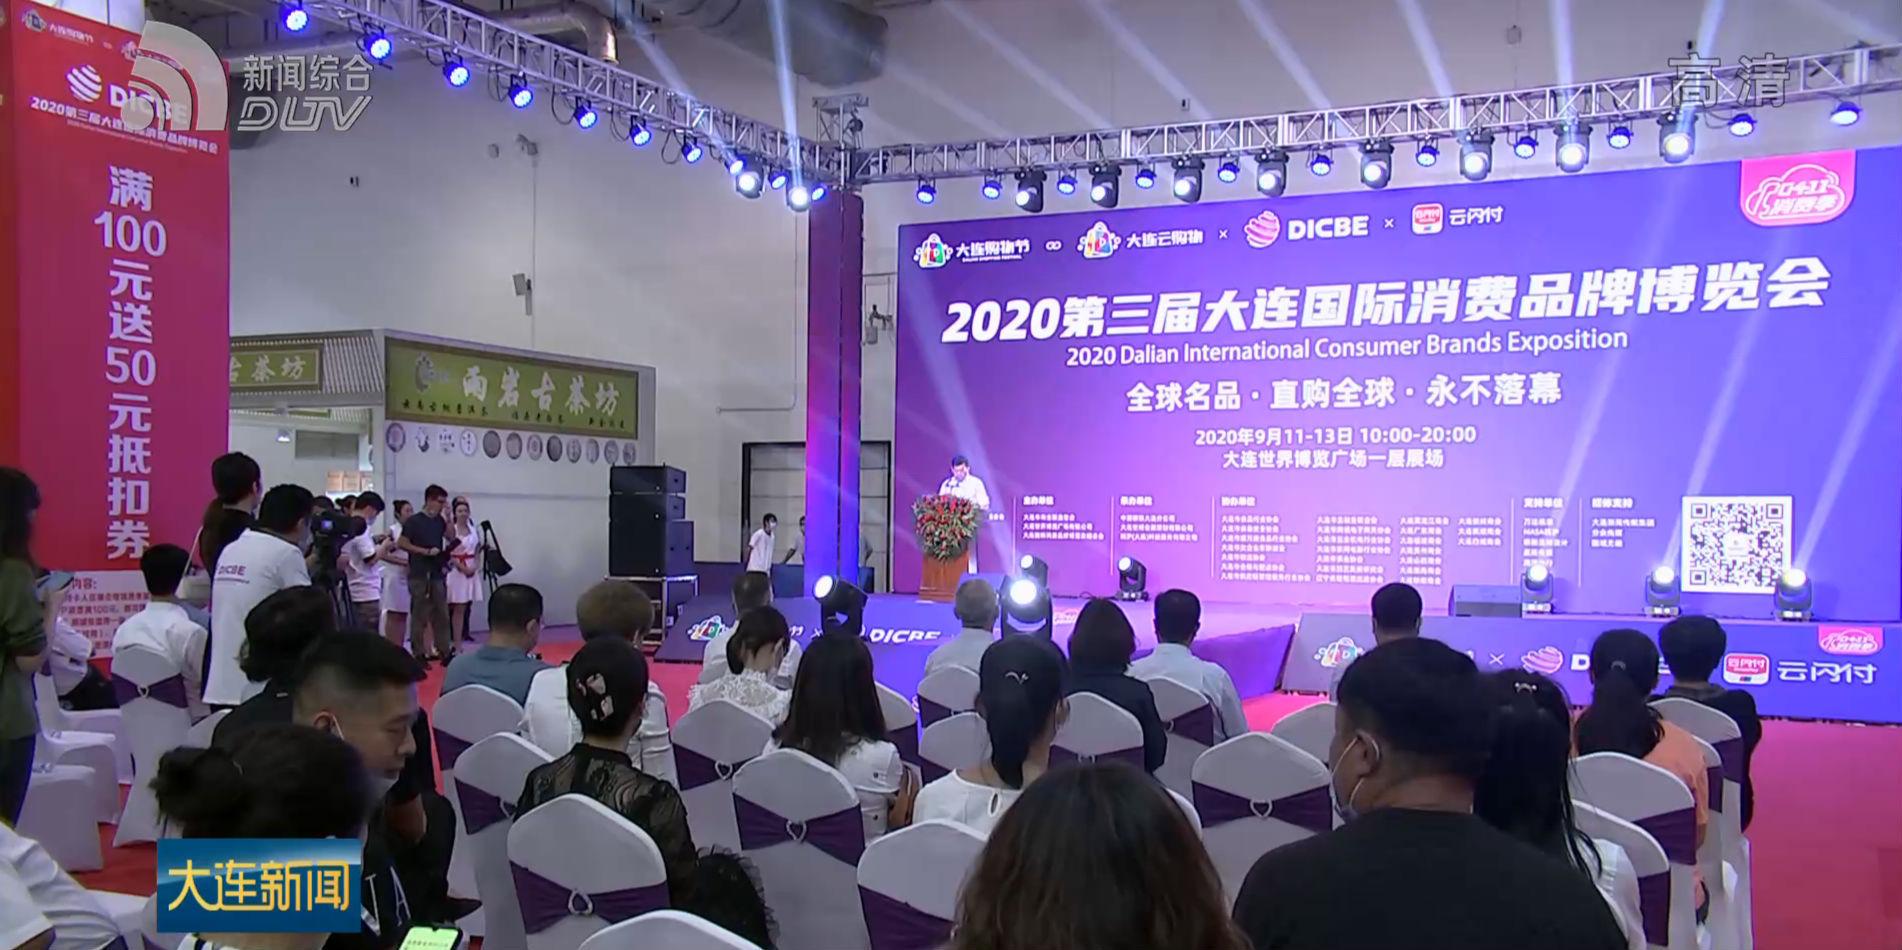 大連國際消費品牌博覽會開幕